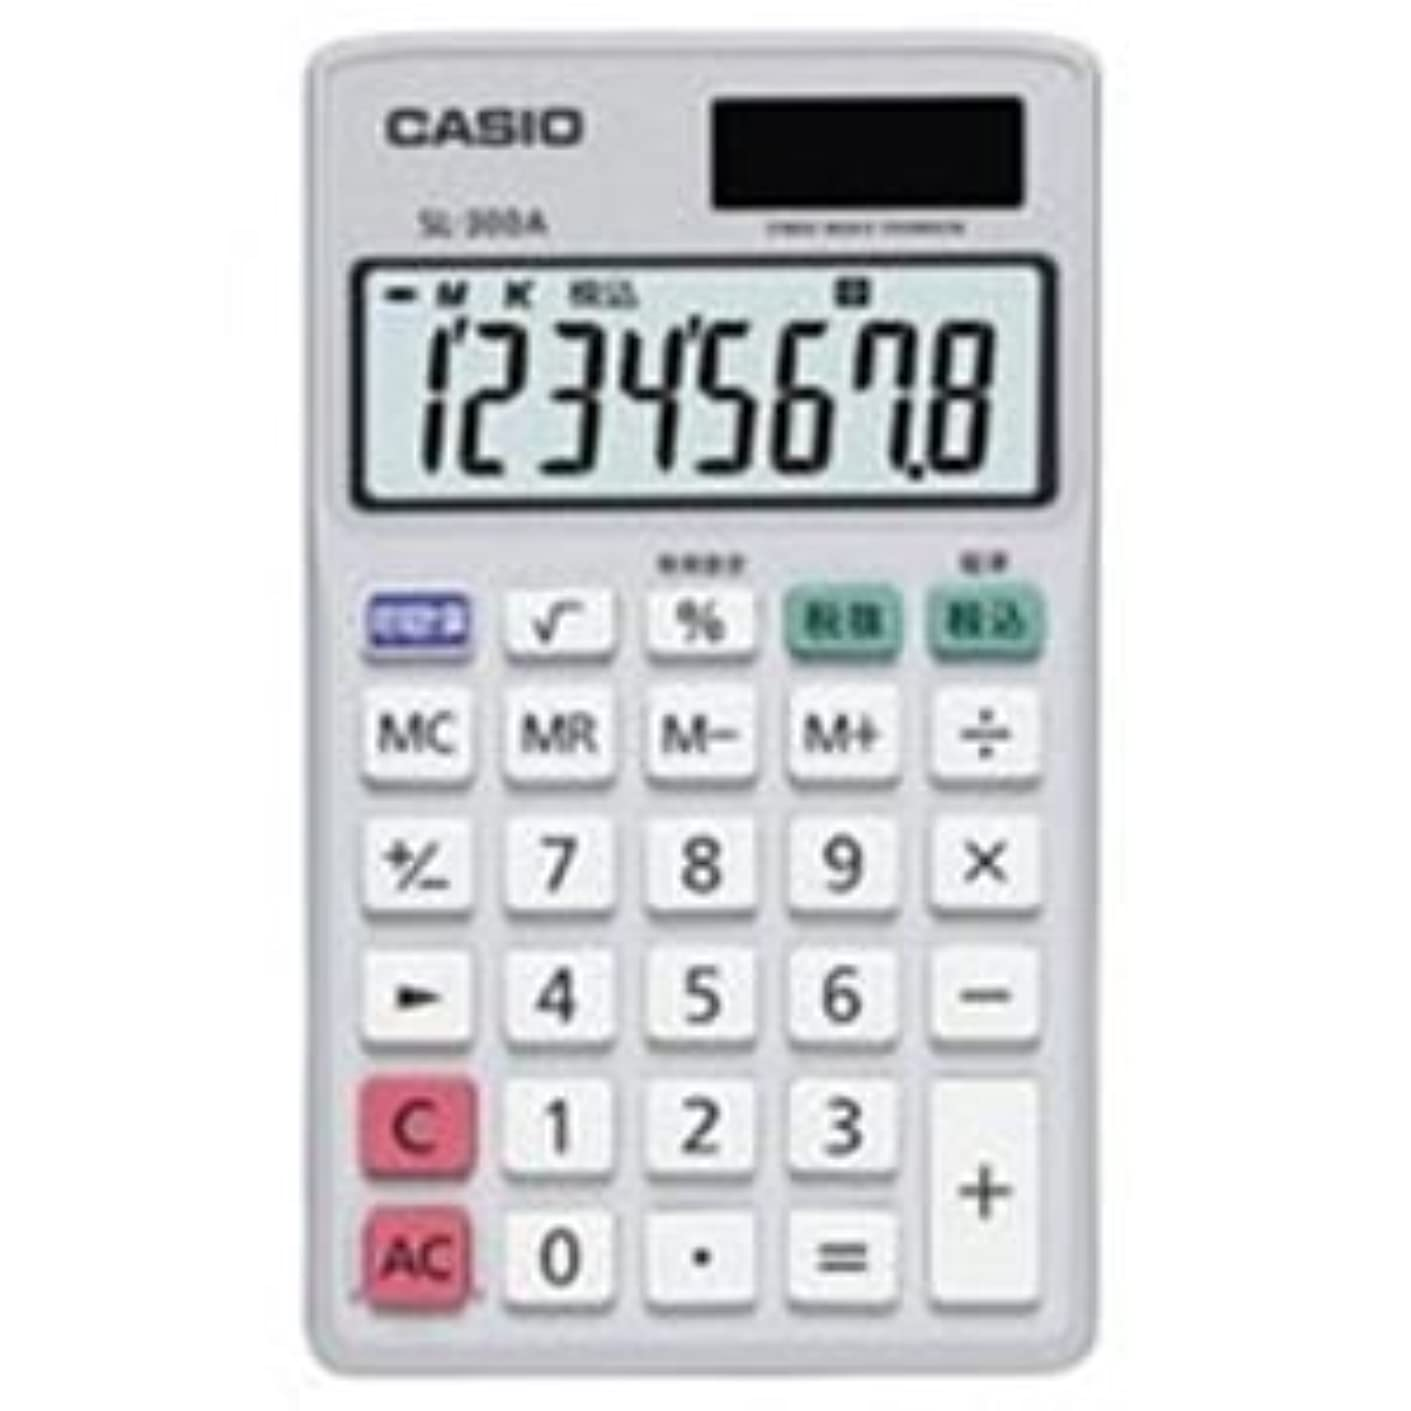 専門用語抑制開梱(業務用4セット)カシオ CASIO 手帳サイズ電卓 SL-300A-N ds-1465127